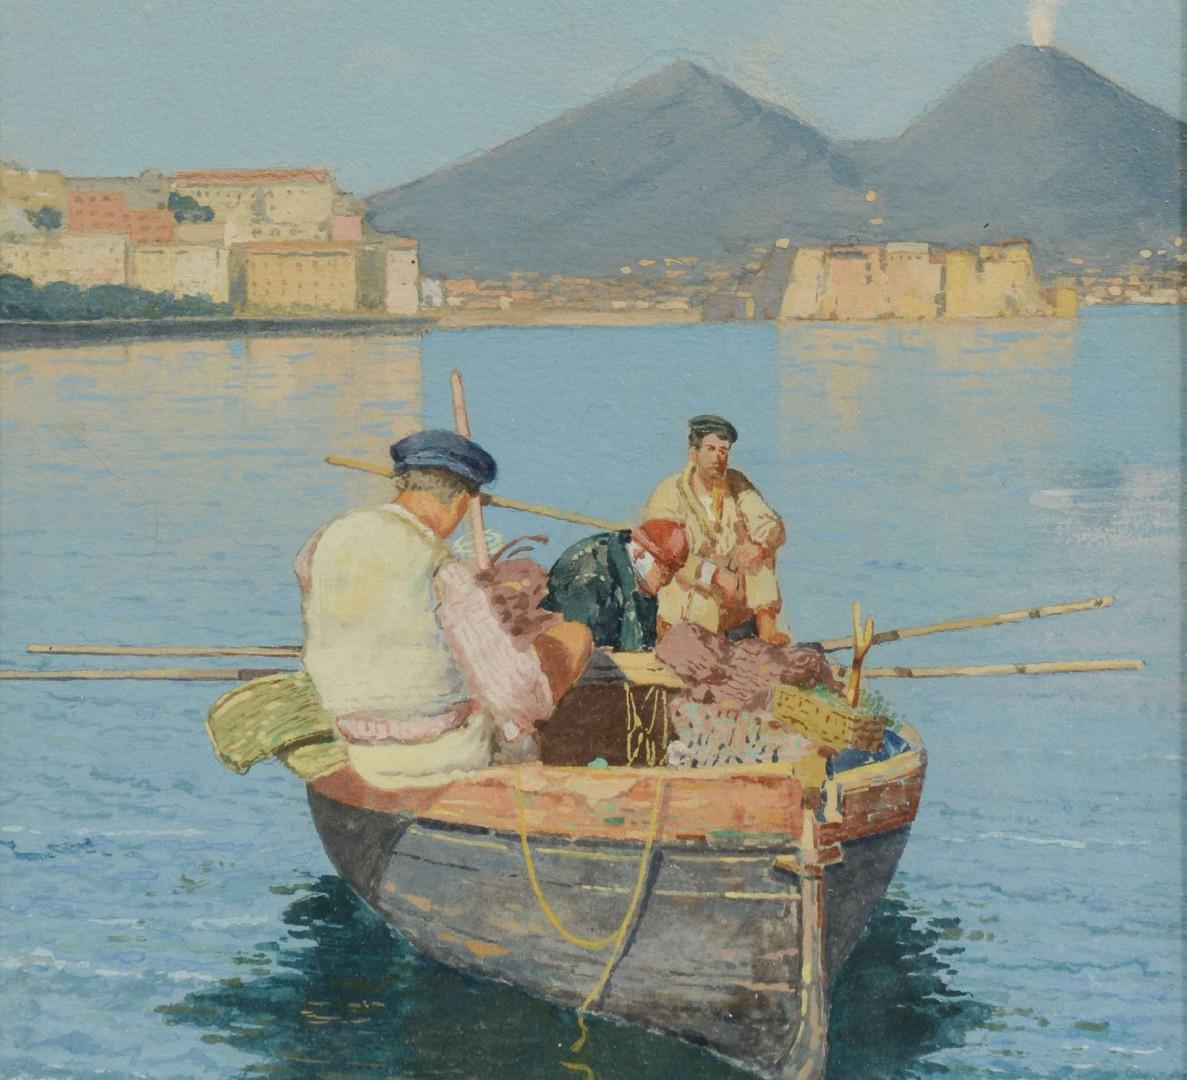 D. Gesario Watercolor, Mt. Vesuvius